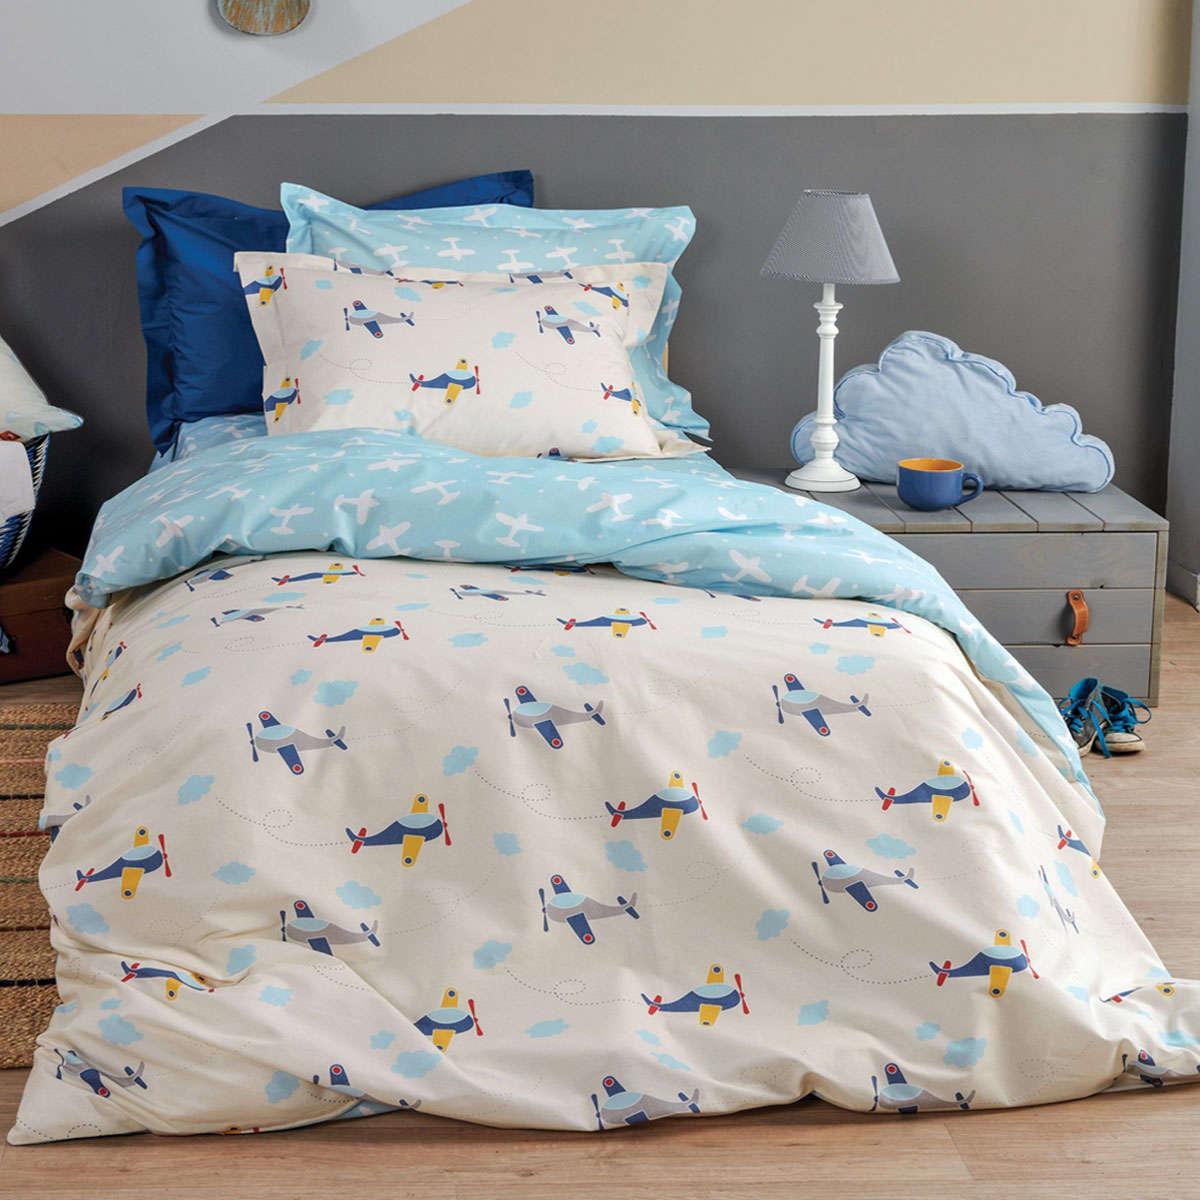 Παιδική Μαξιλαροθήκη Wings White-Blue Kentia 50Χ70 50x70cm